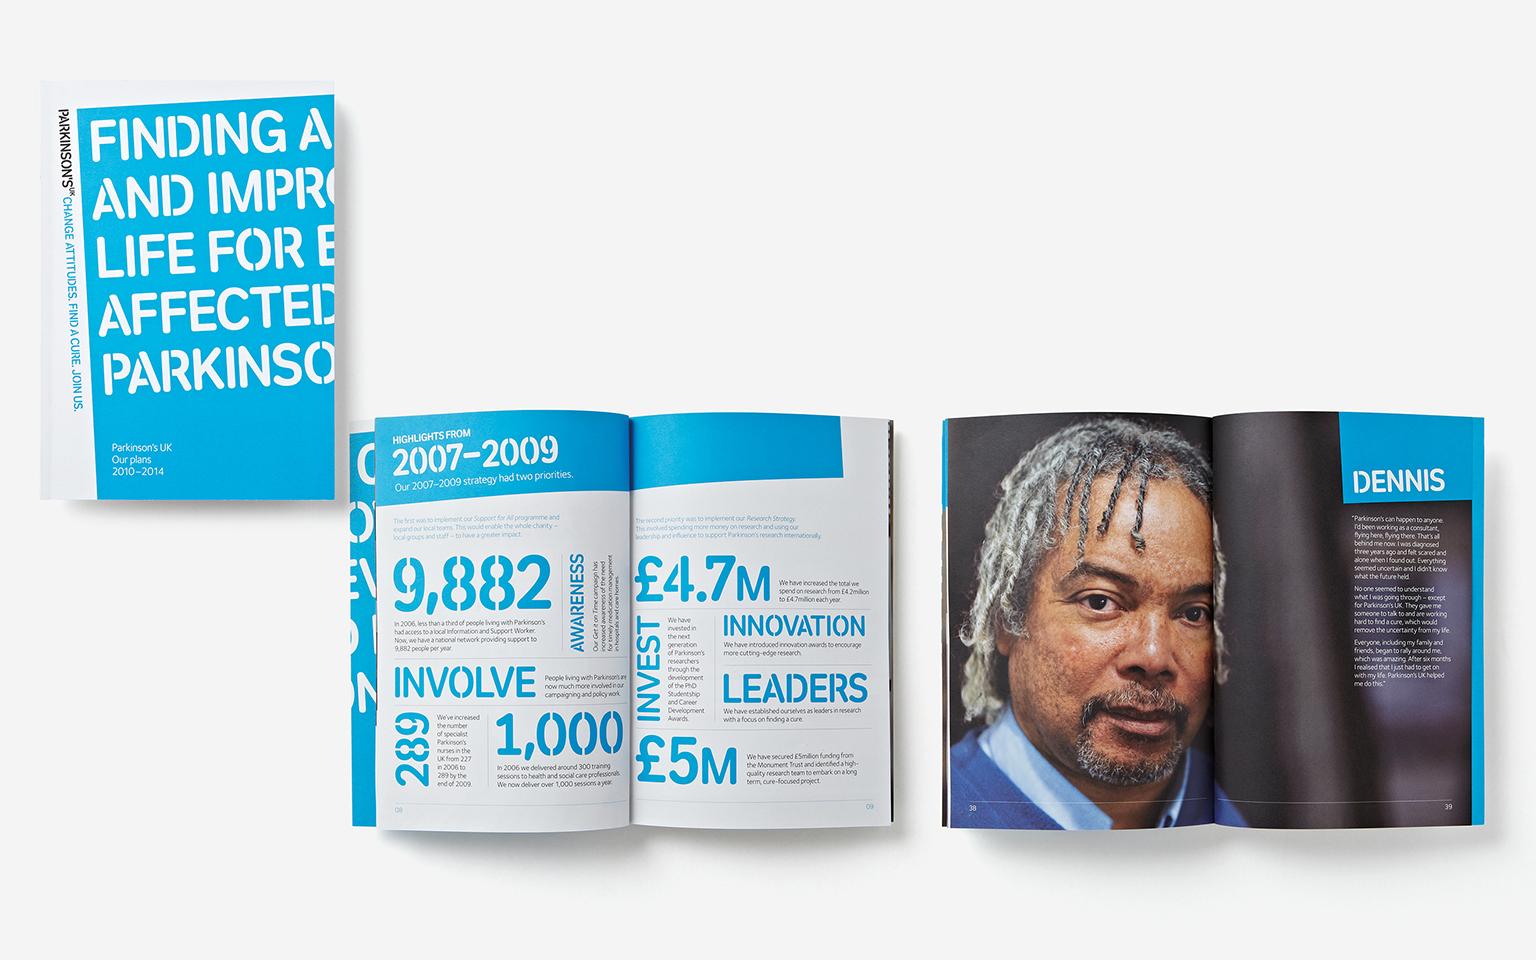 Parkinsons UK brochure